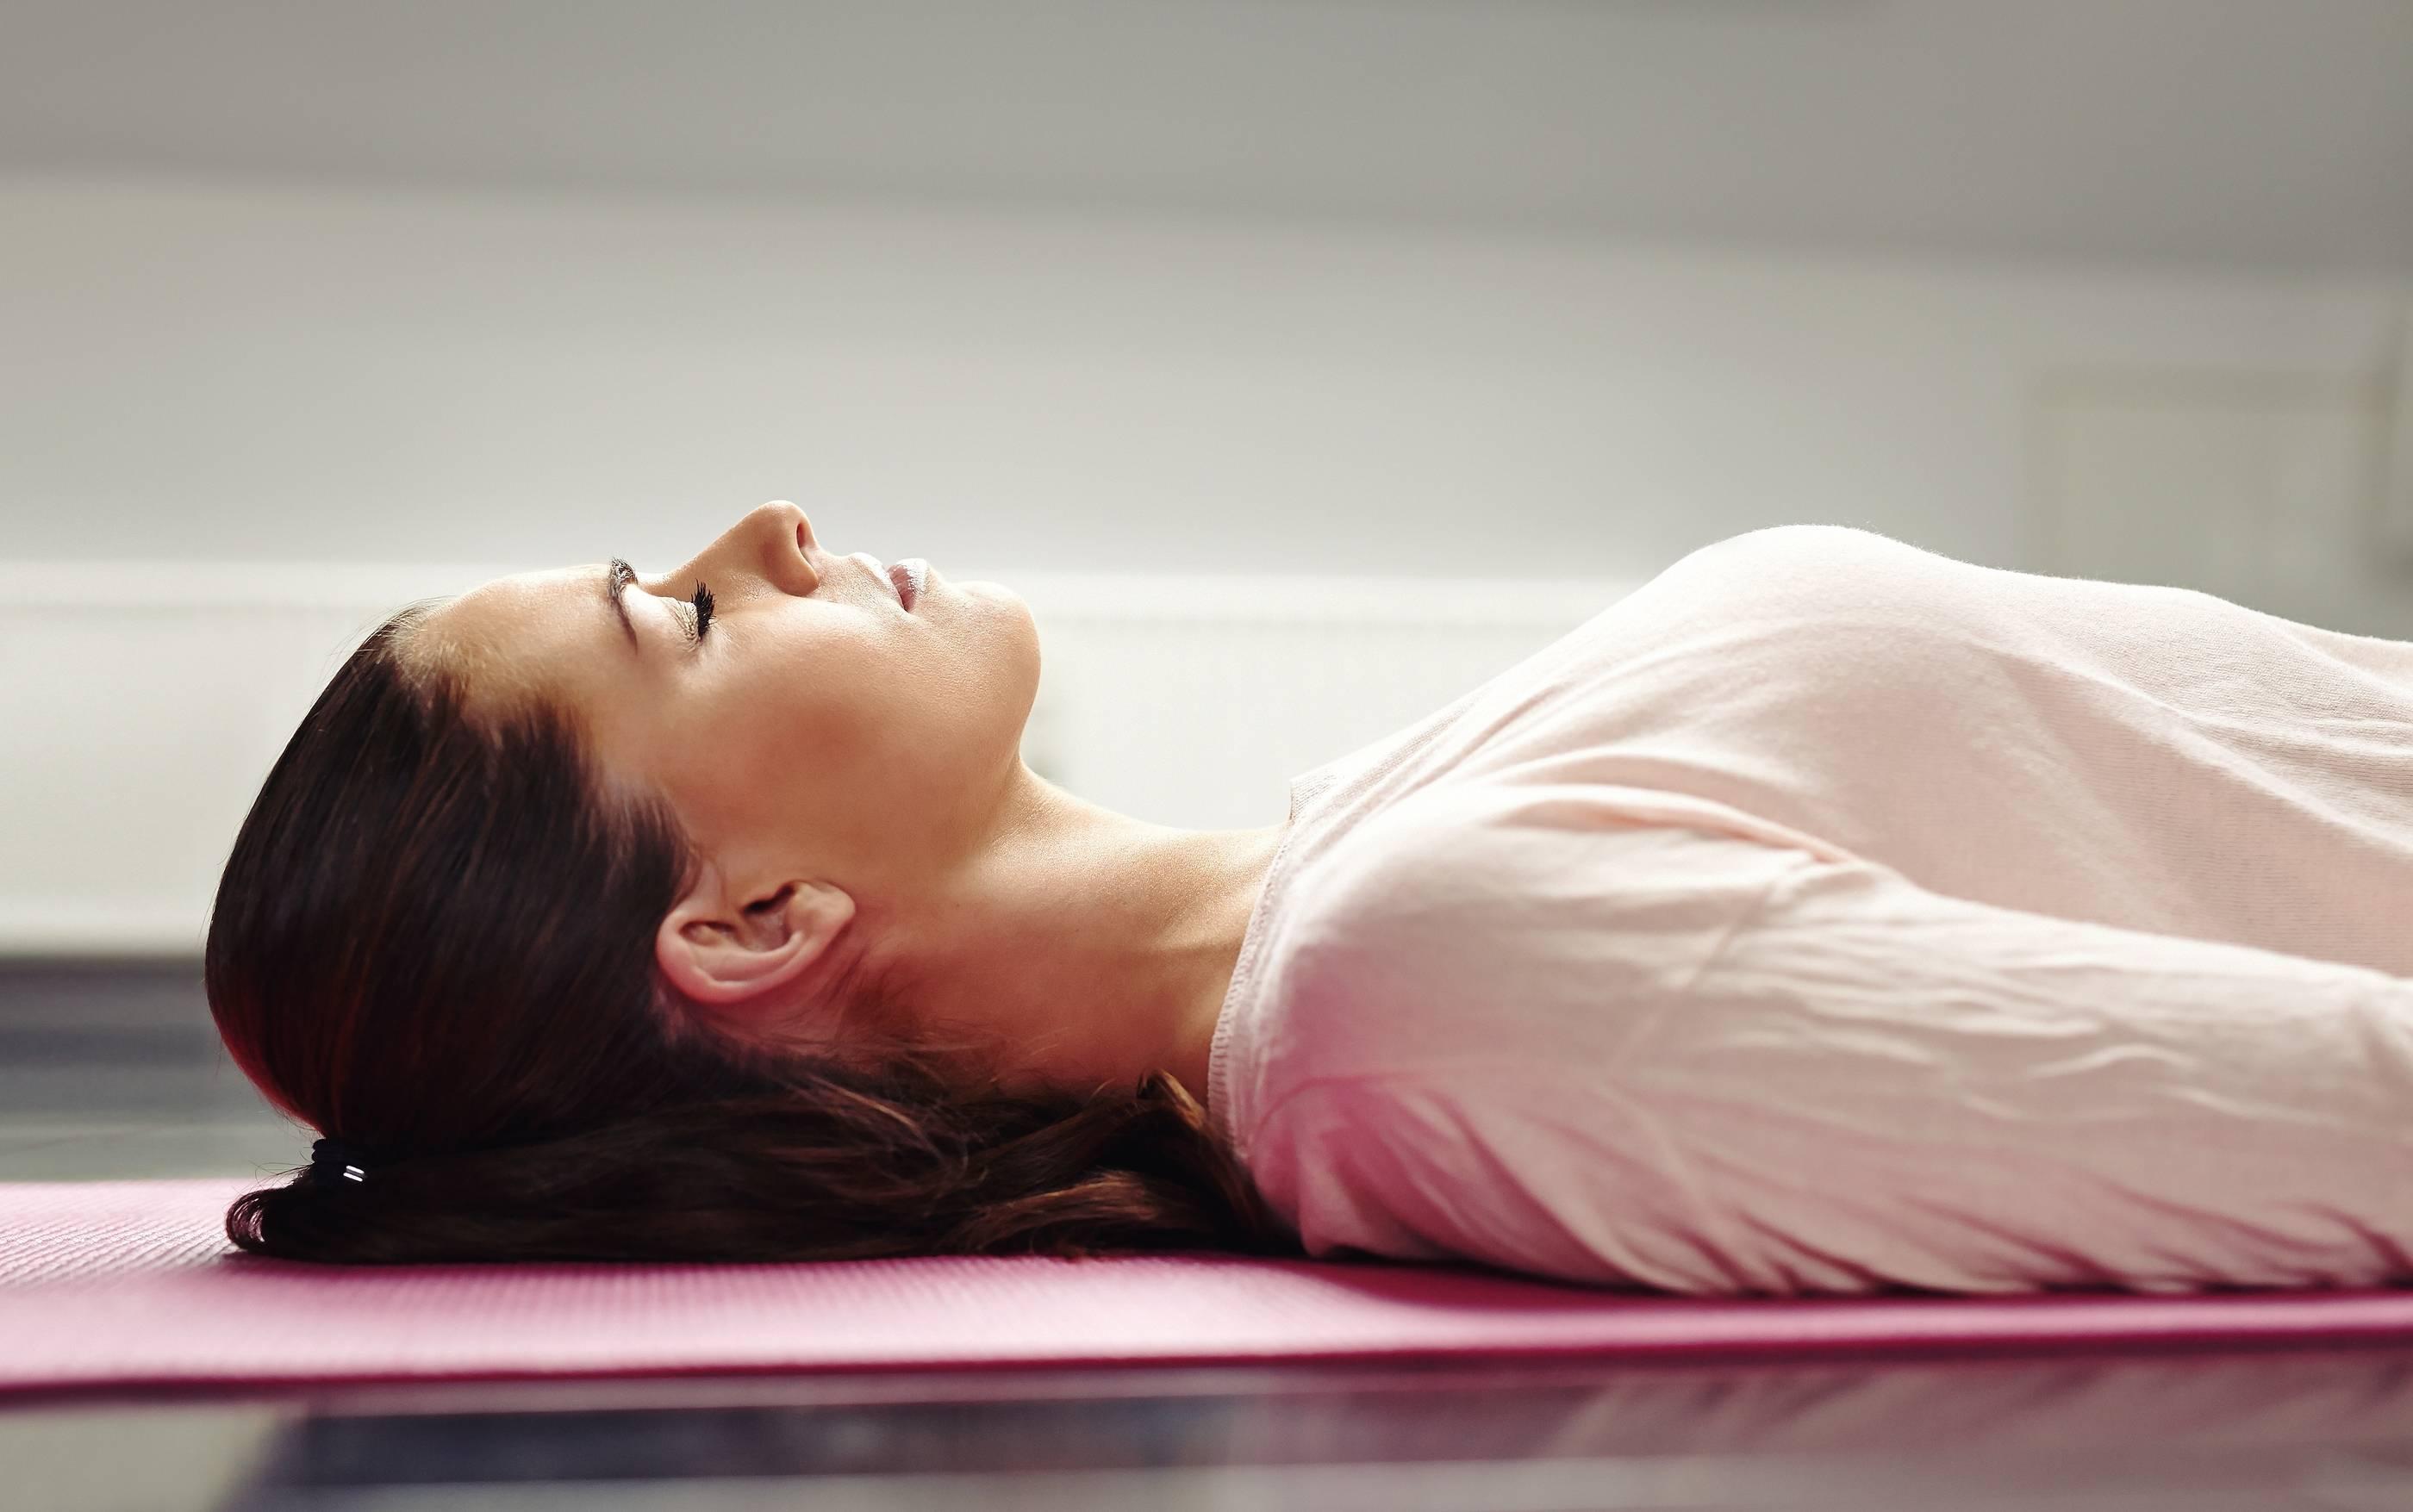 Упражнения для расслабления мышц - здоровый образ жизни